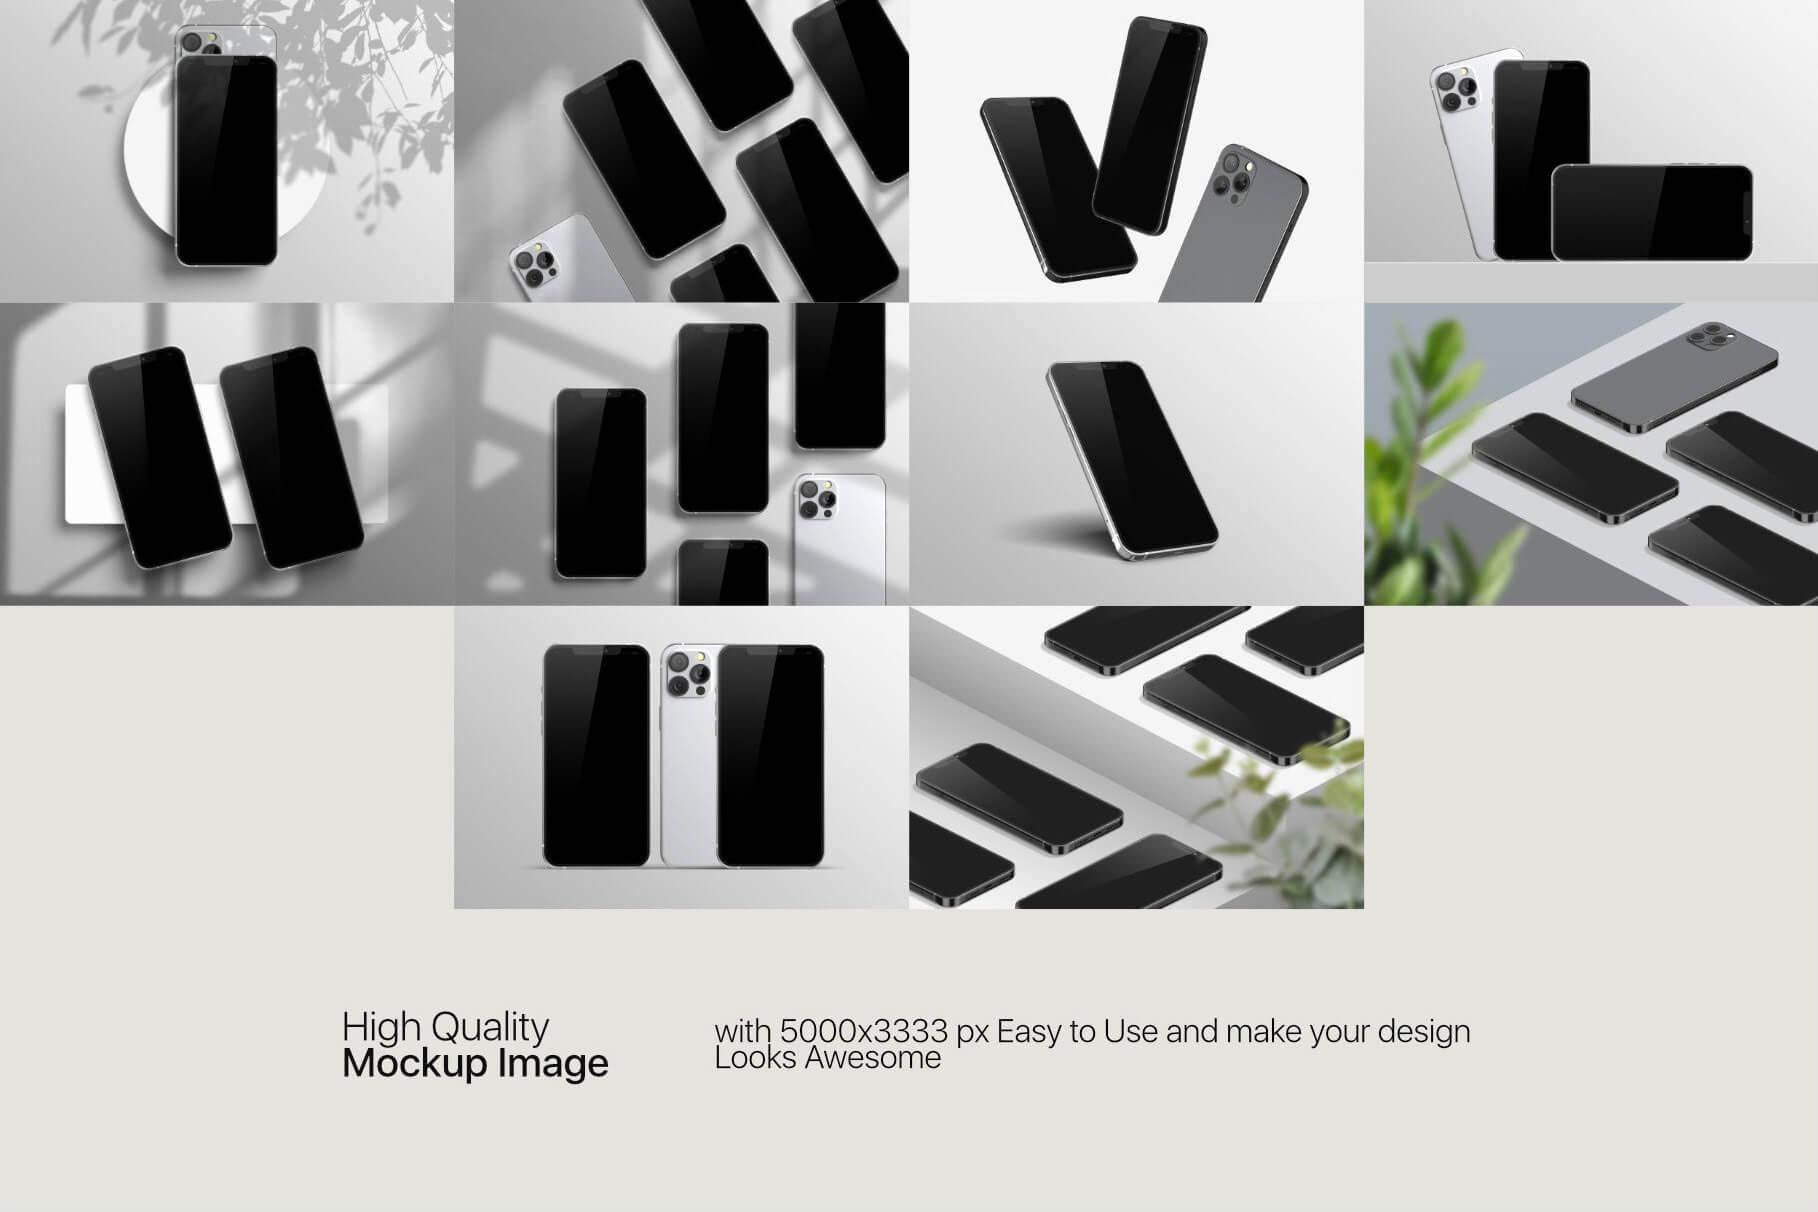 苹果手机12样机精致模版手机多角度展示模版素材iPhone 12 Pro Max Mockup V.01插图(8)